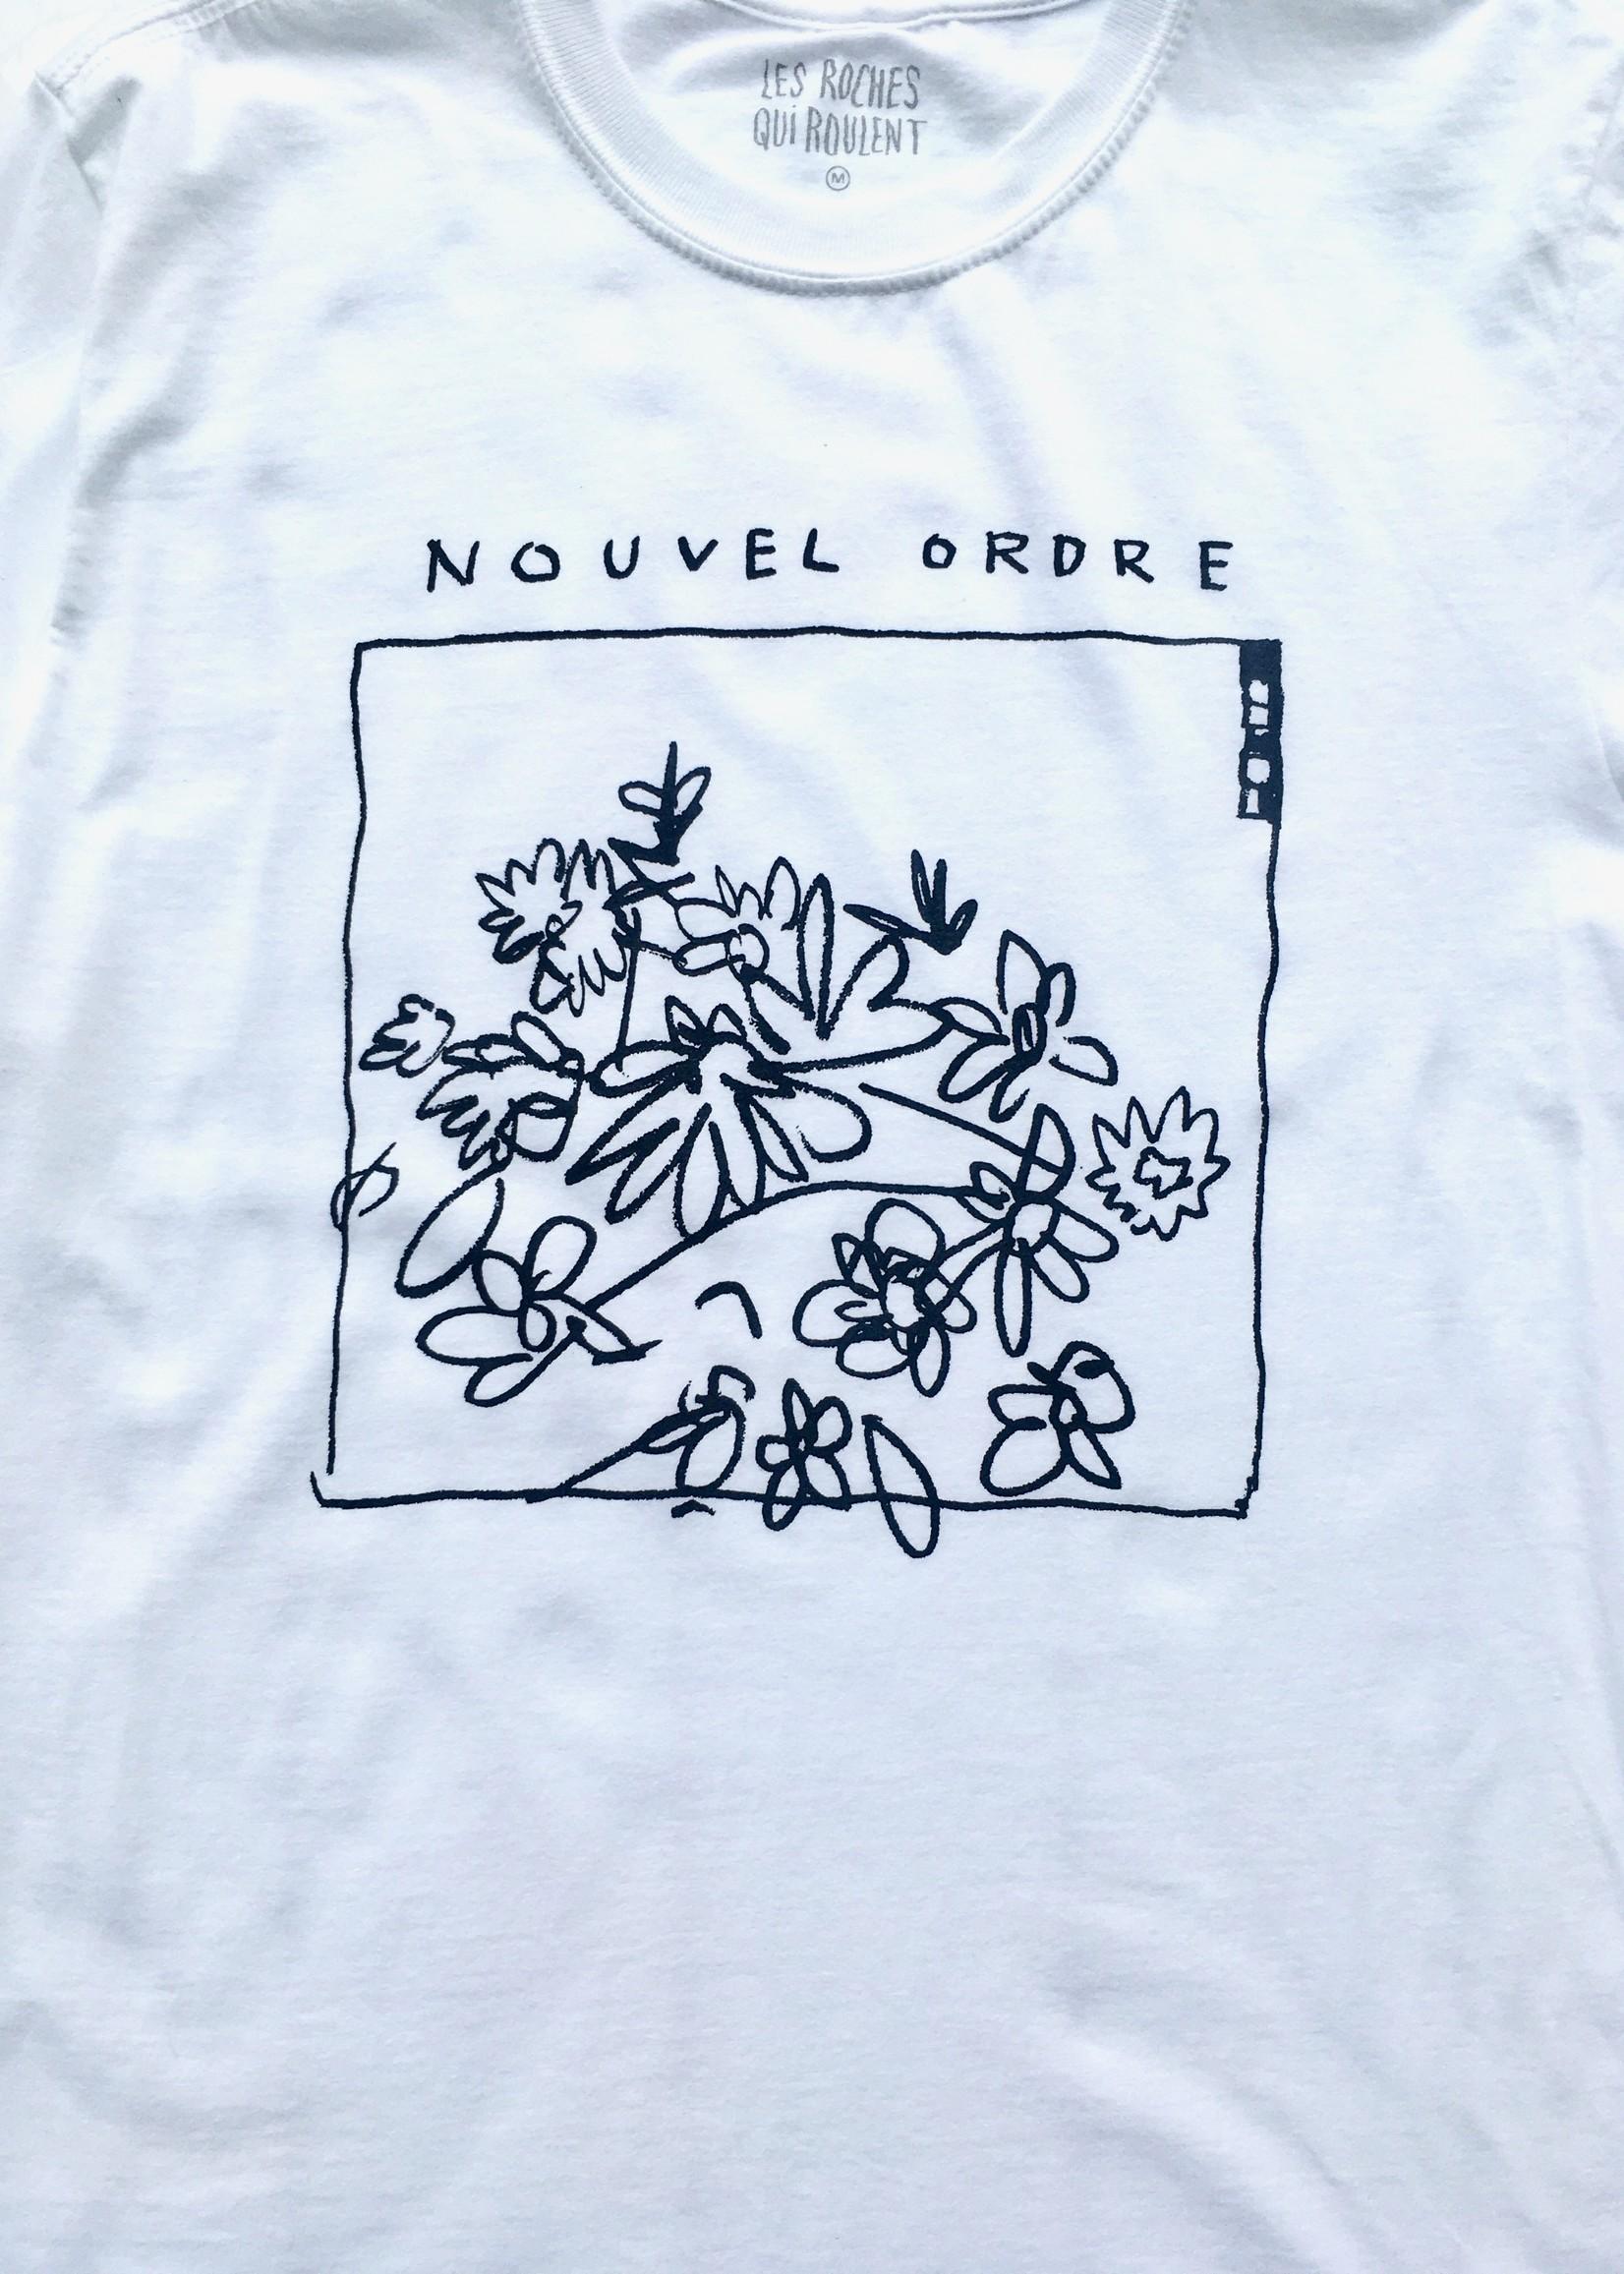 Les Roches Qui Roulent T-shirt Nouvel Ordre